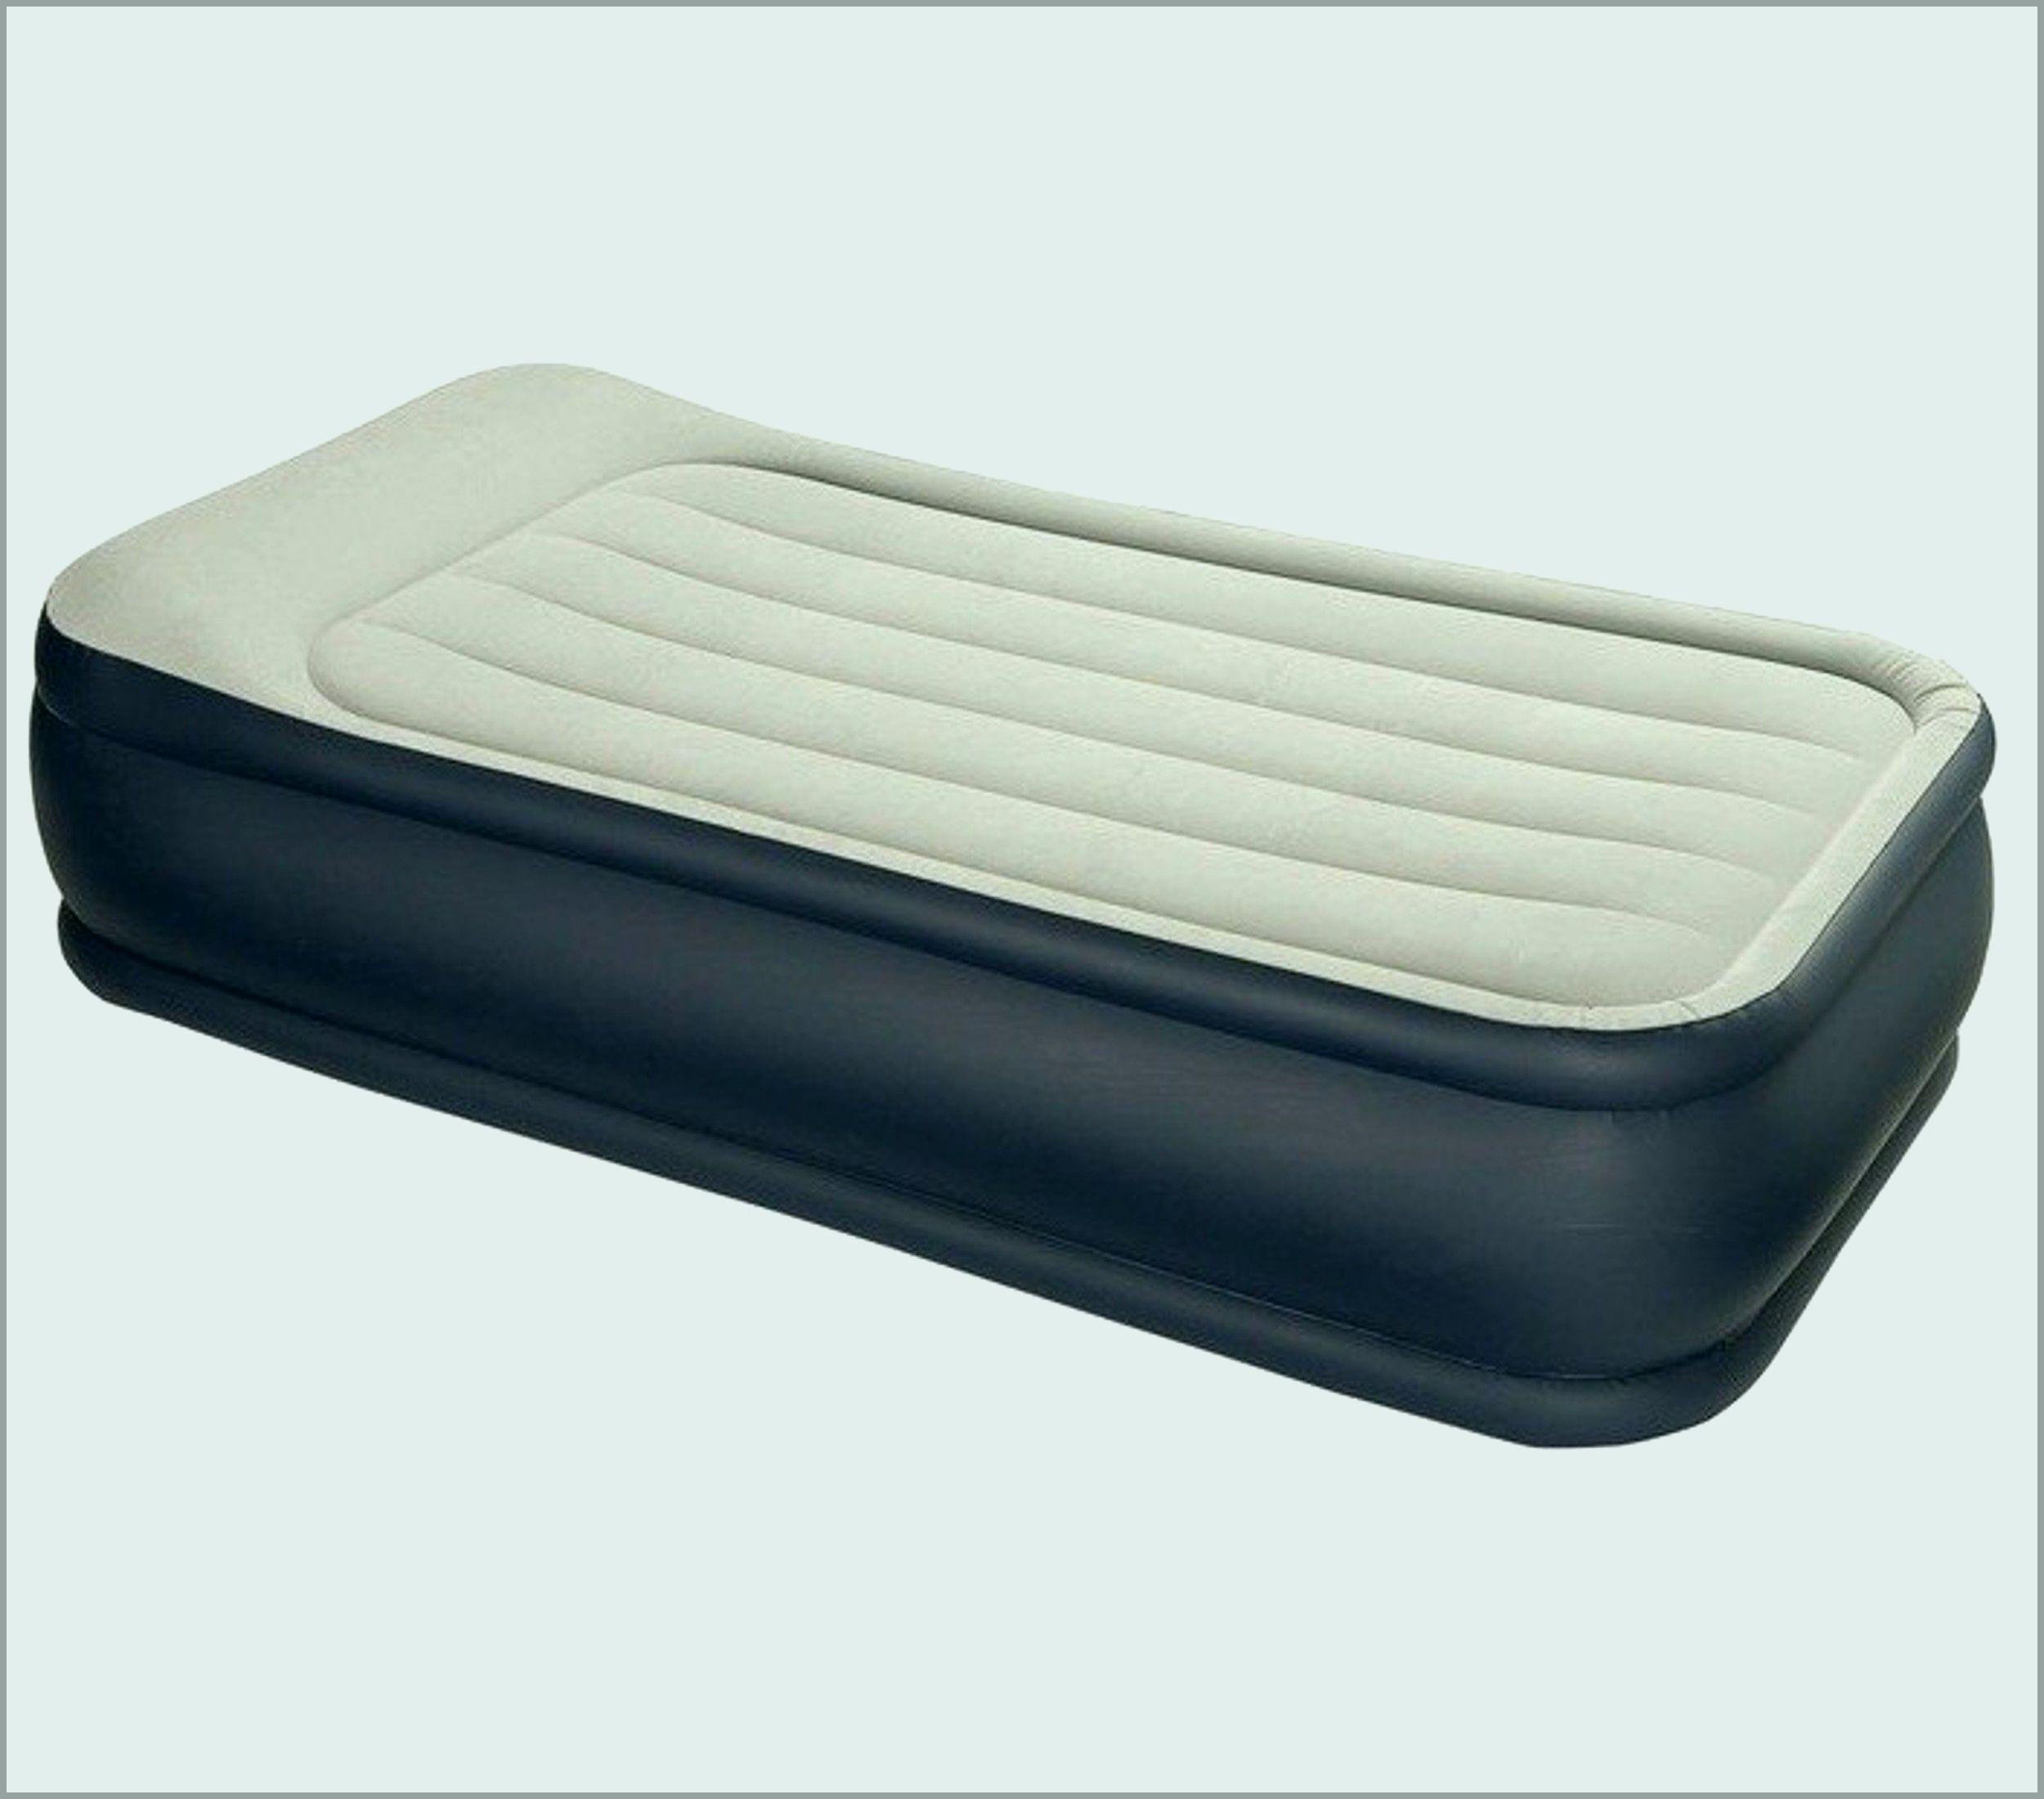 Canapé Cuir Blanc but Beau Photographie Lit 2 Places 6 Rangement Int C3 83 C2 A9gr A9 Gain De Place Space Up